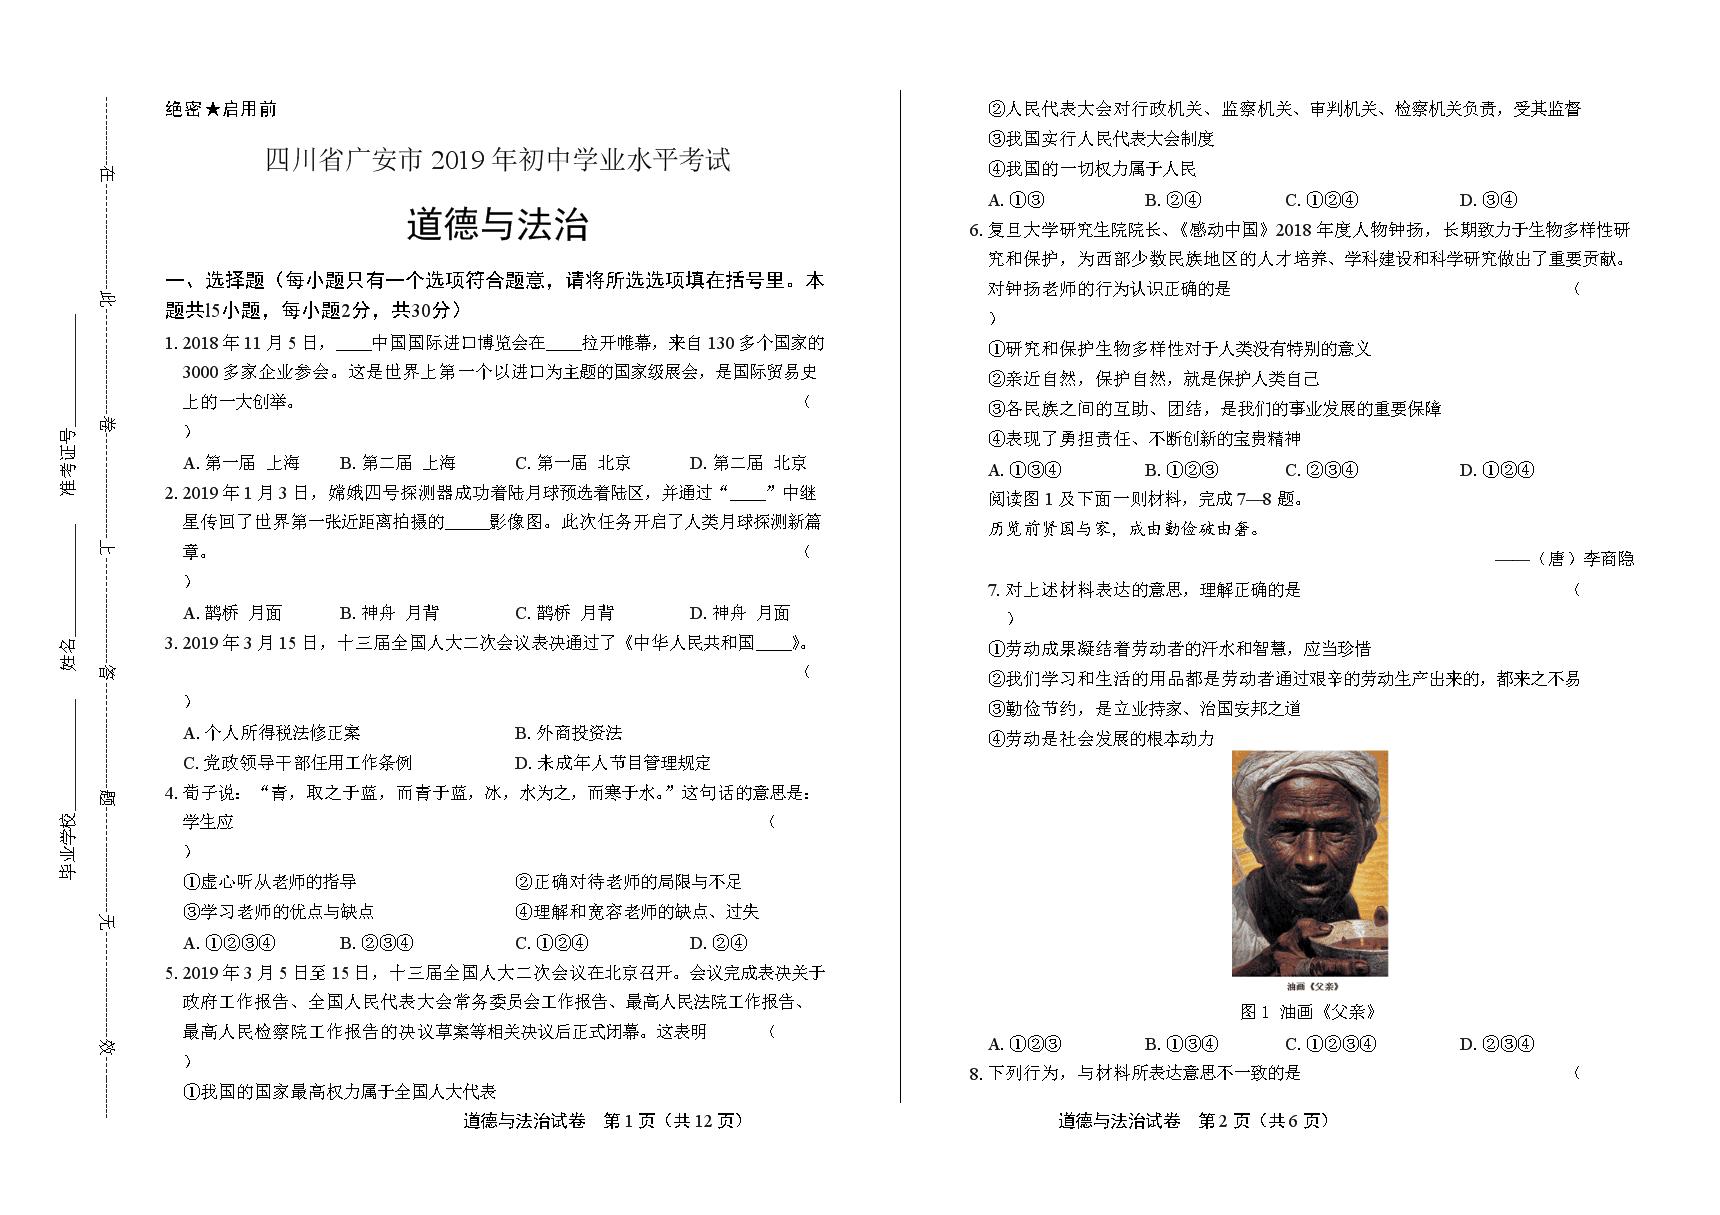 2019年四川省广安市中考道德与法治试卷(含答案与解析).docx